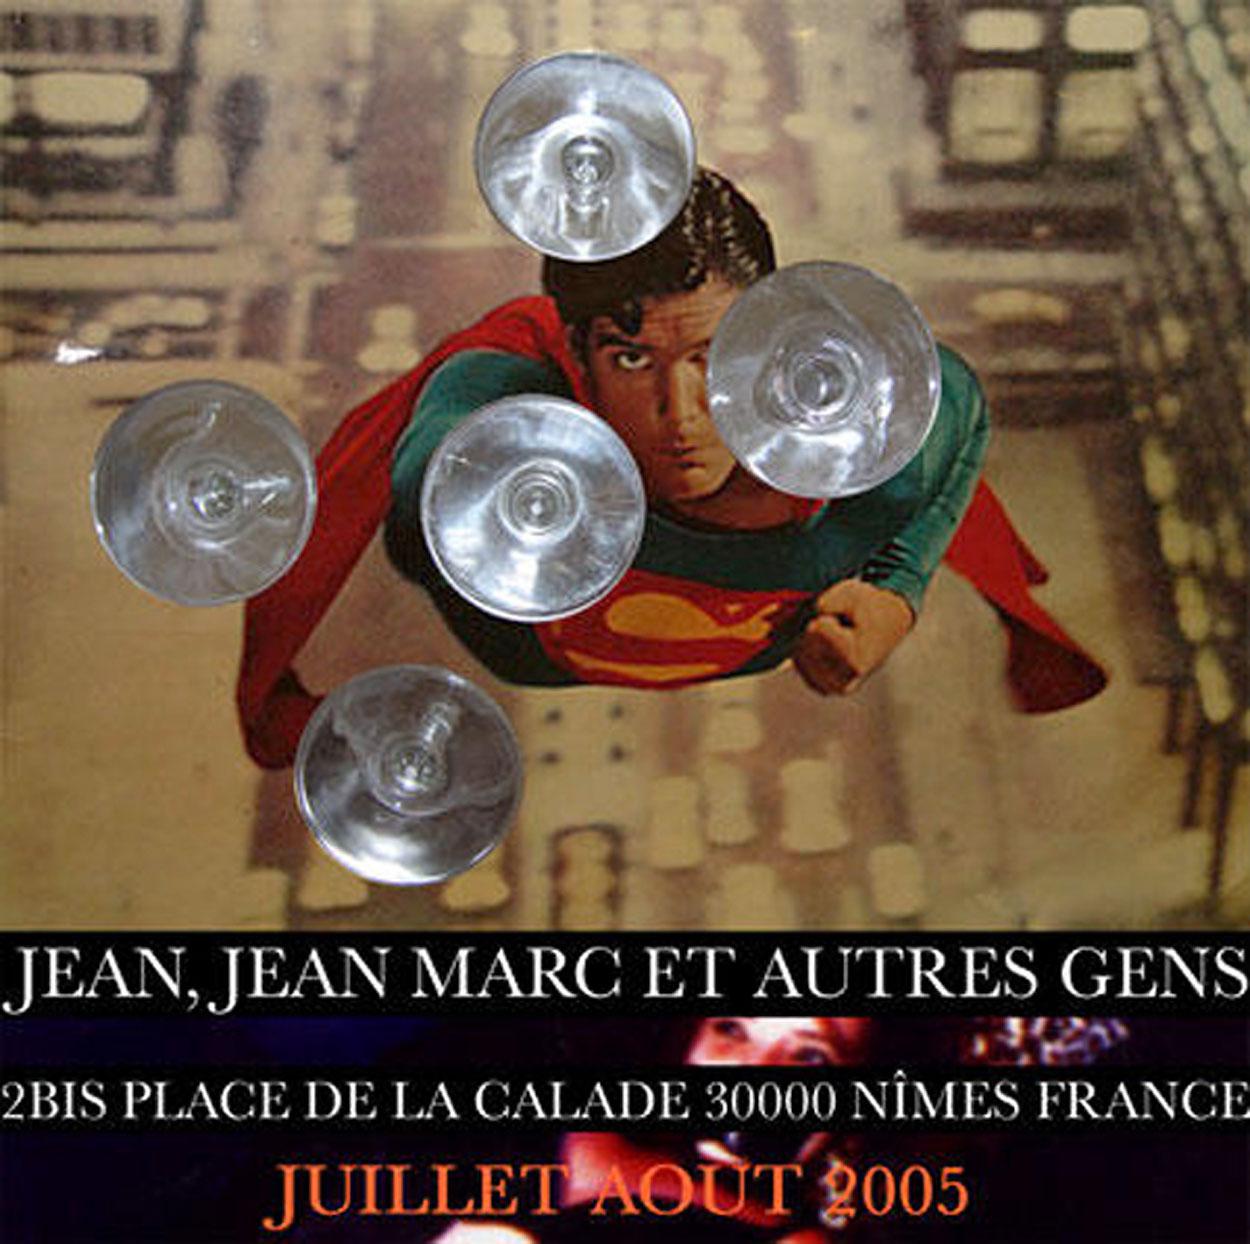 Jean, Jean-Marc, et autres Gens